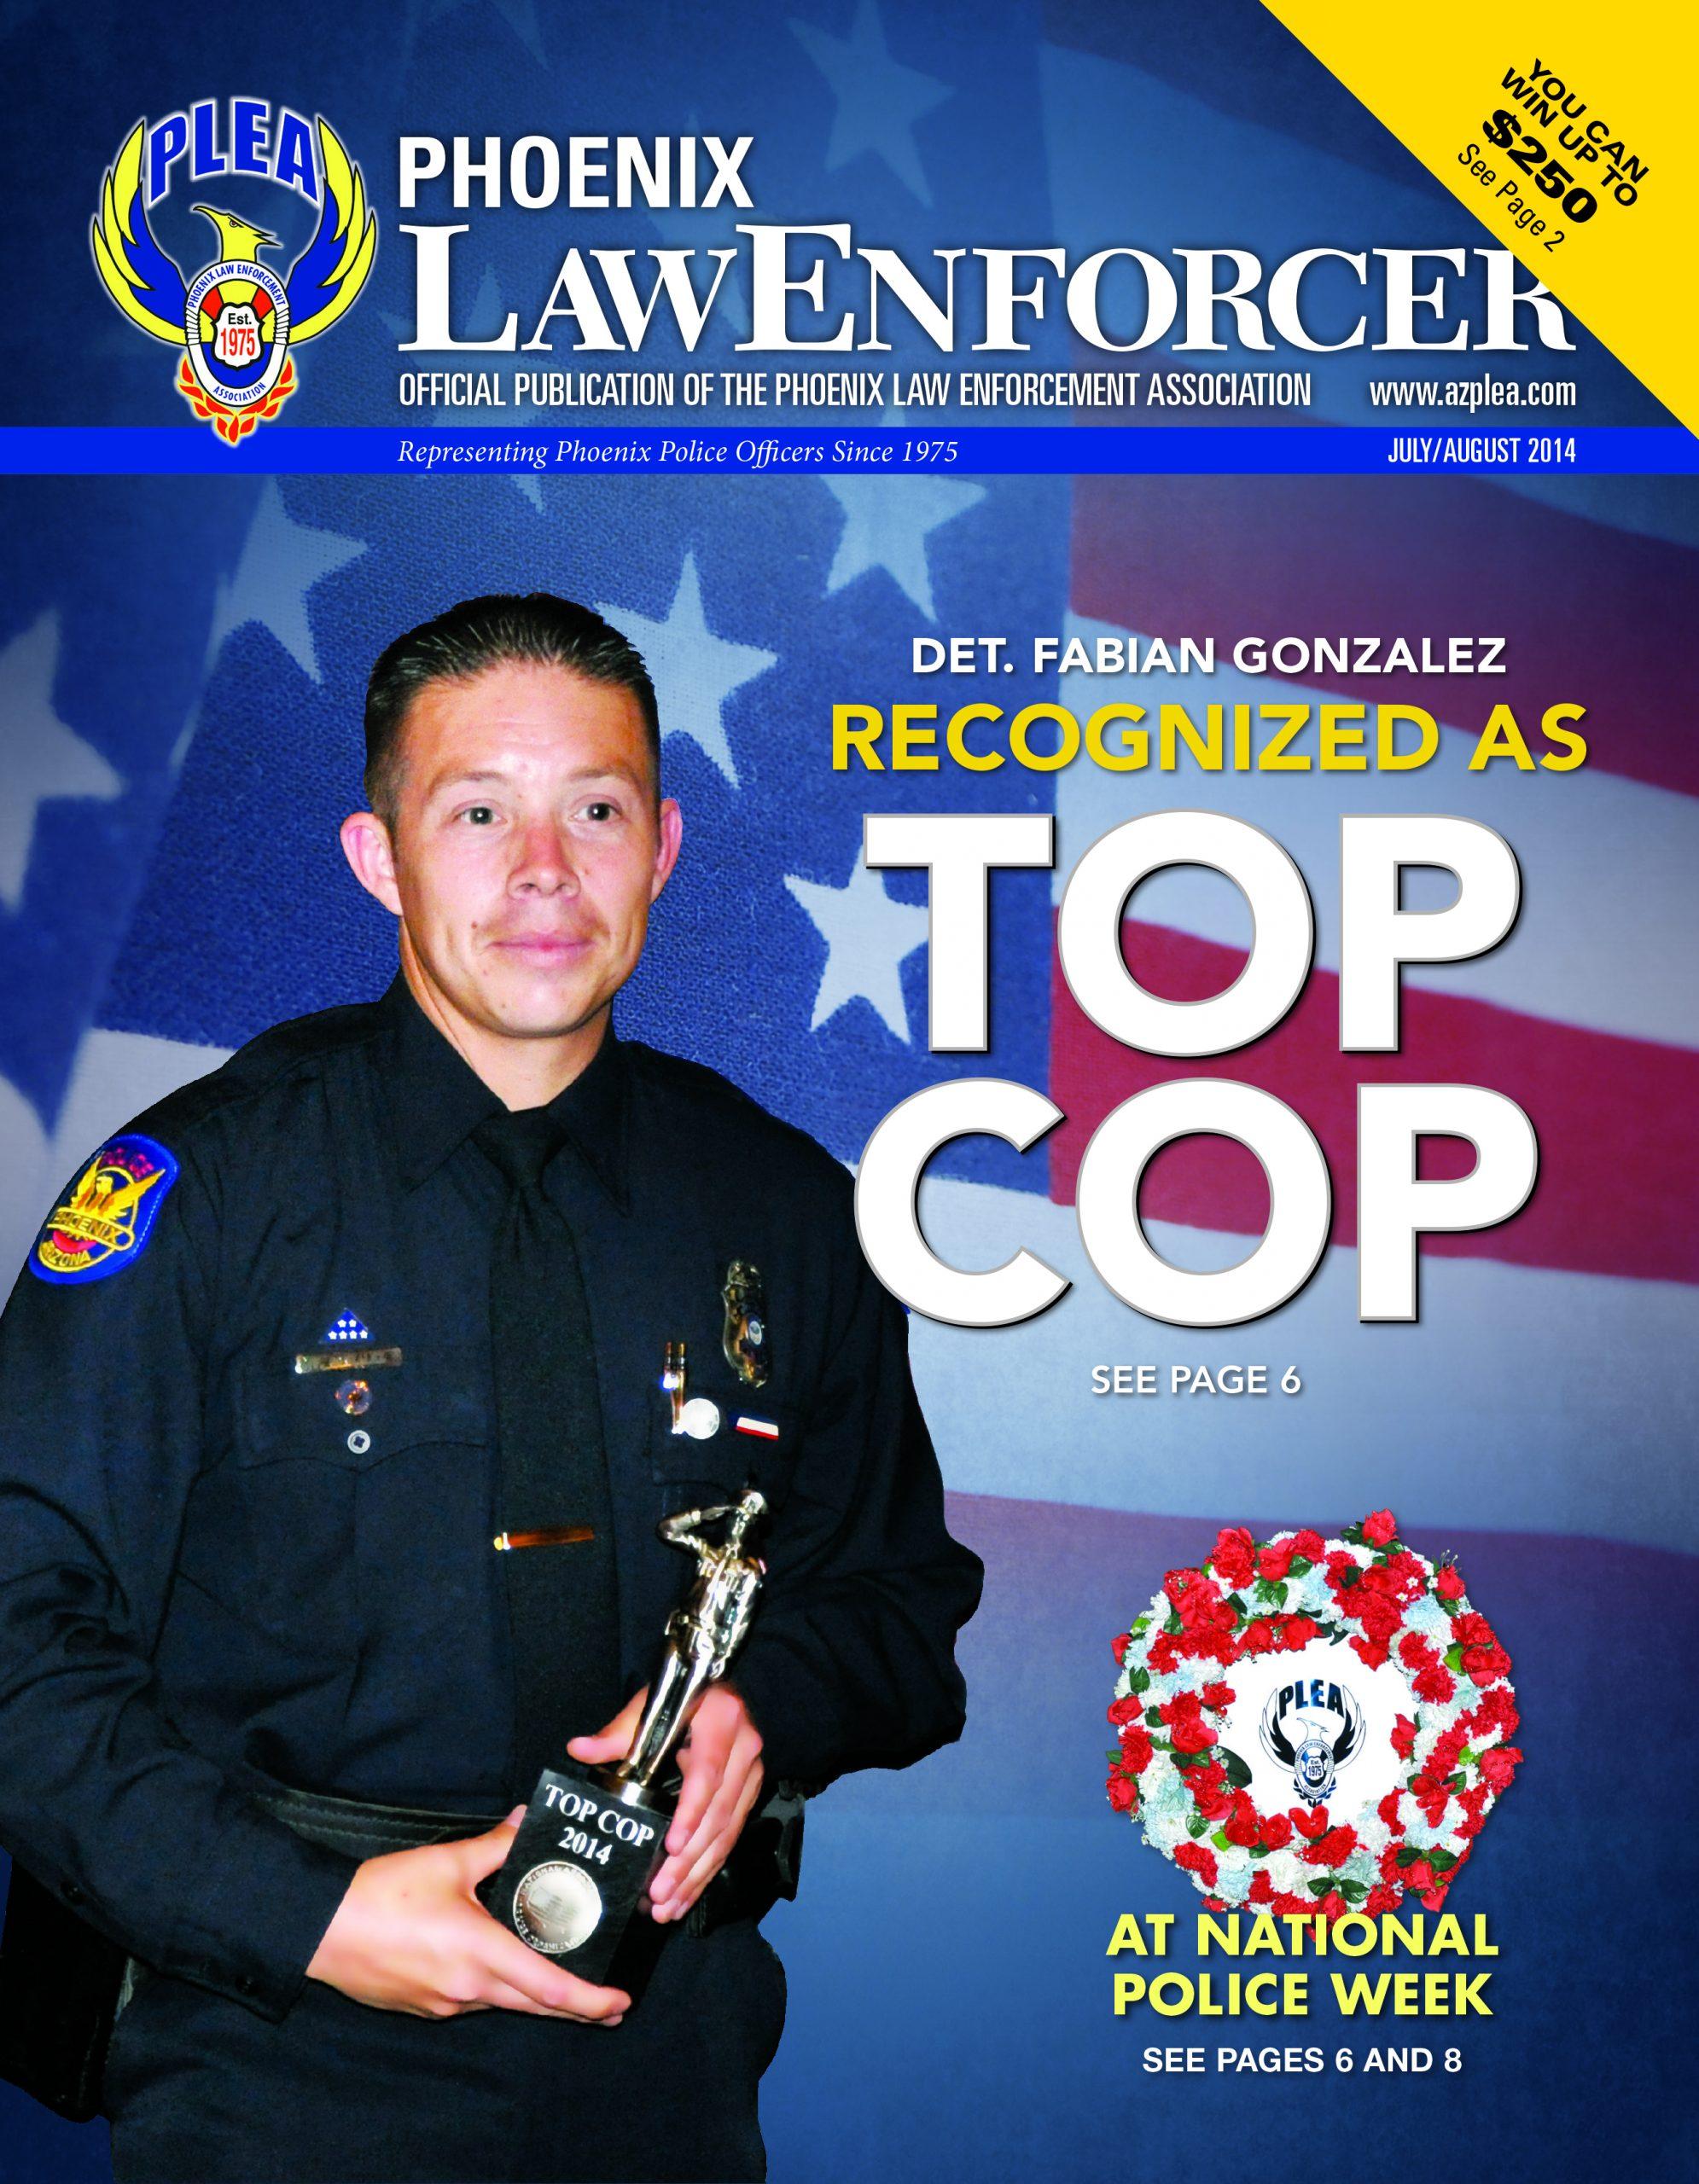 Phoenix Law Enforcer –July/August 2014